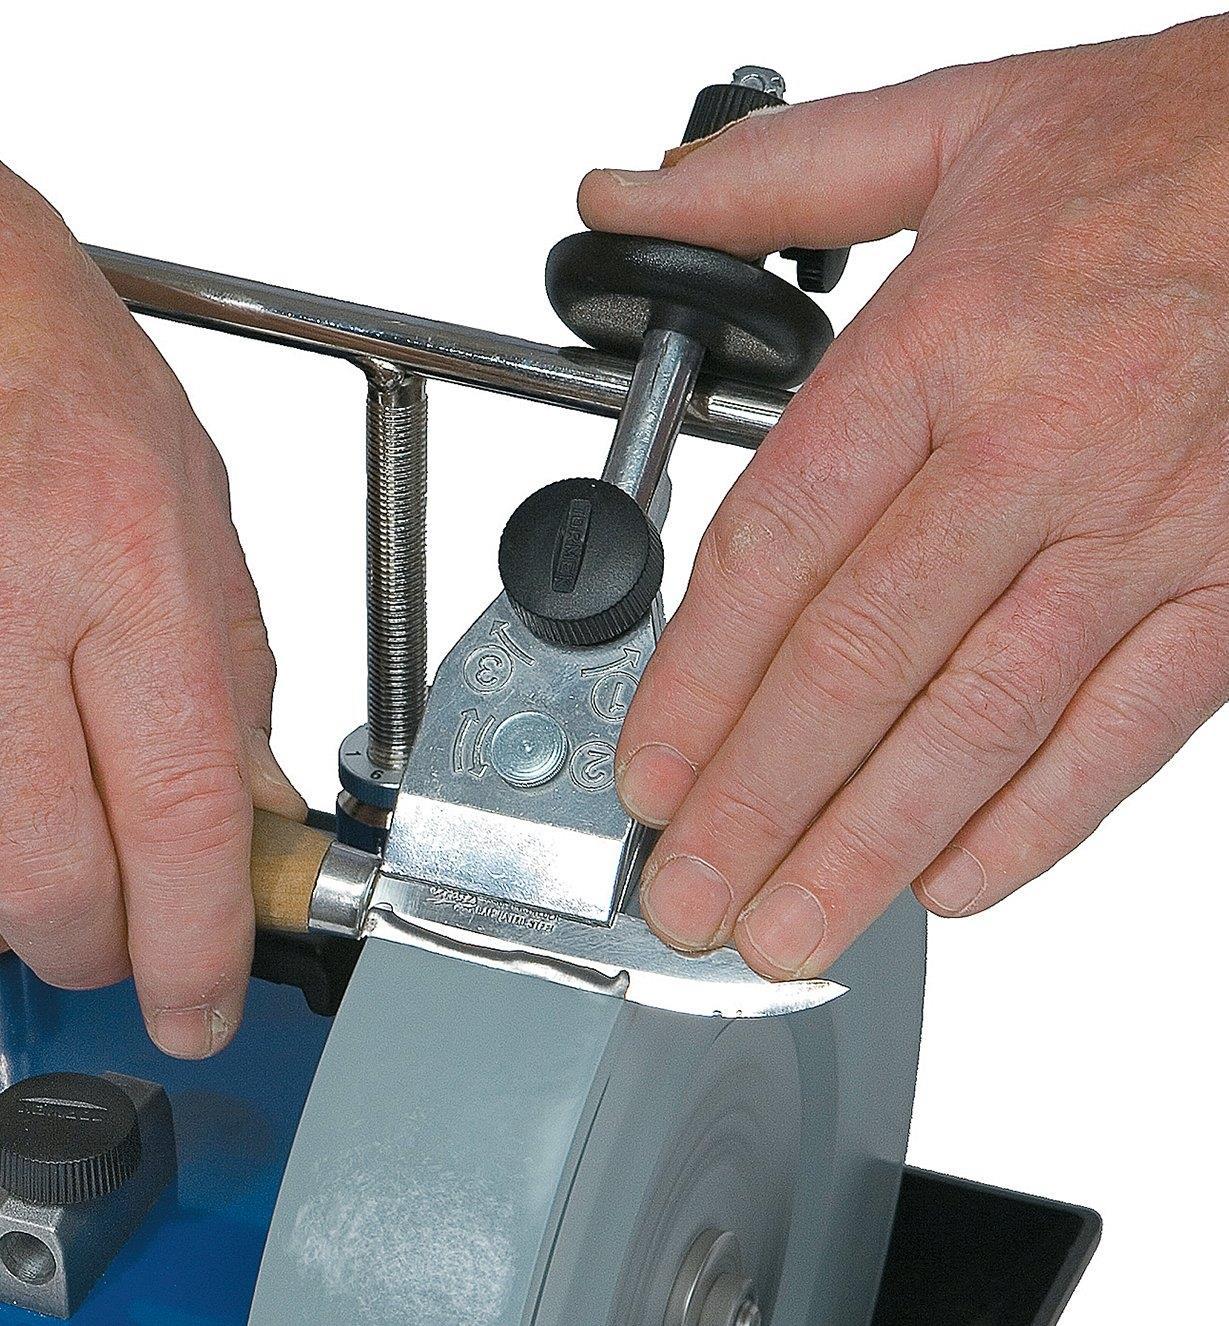 68M0119 - Guide d'affûtage pour petits couteaux Tormek